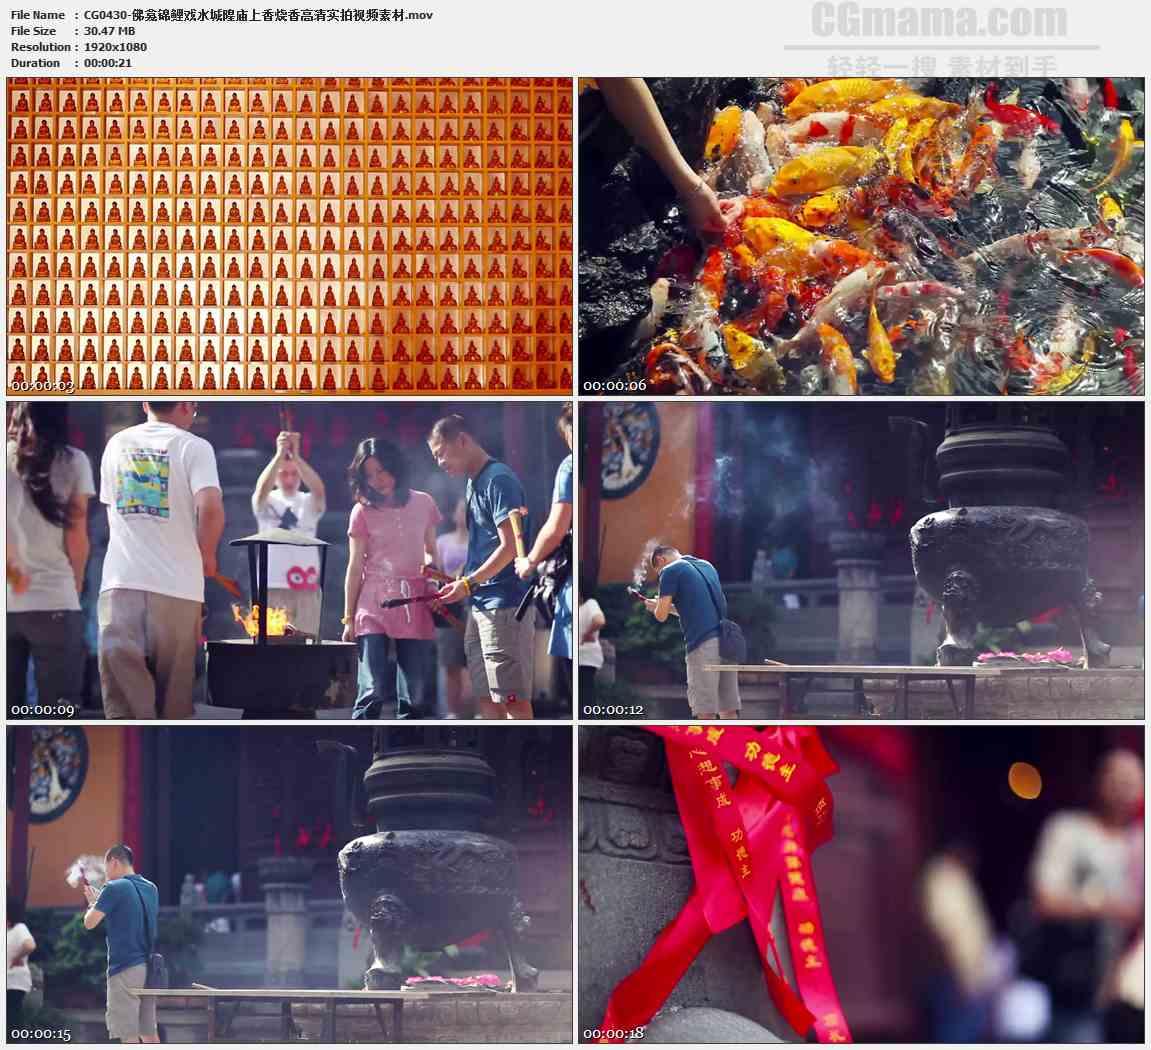 CG0430-佛龛锦鲤戏水城隍庙上香烧香高清实拍视频素材